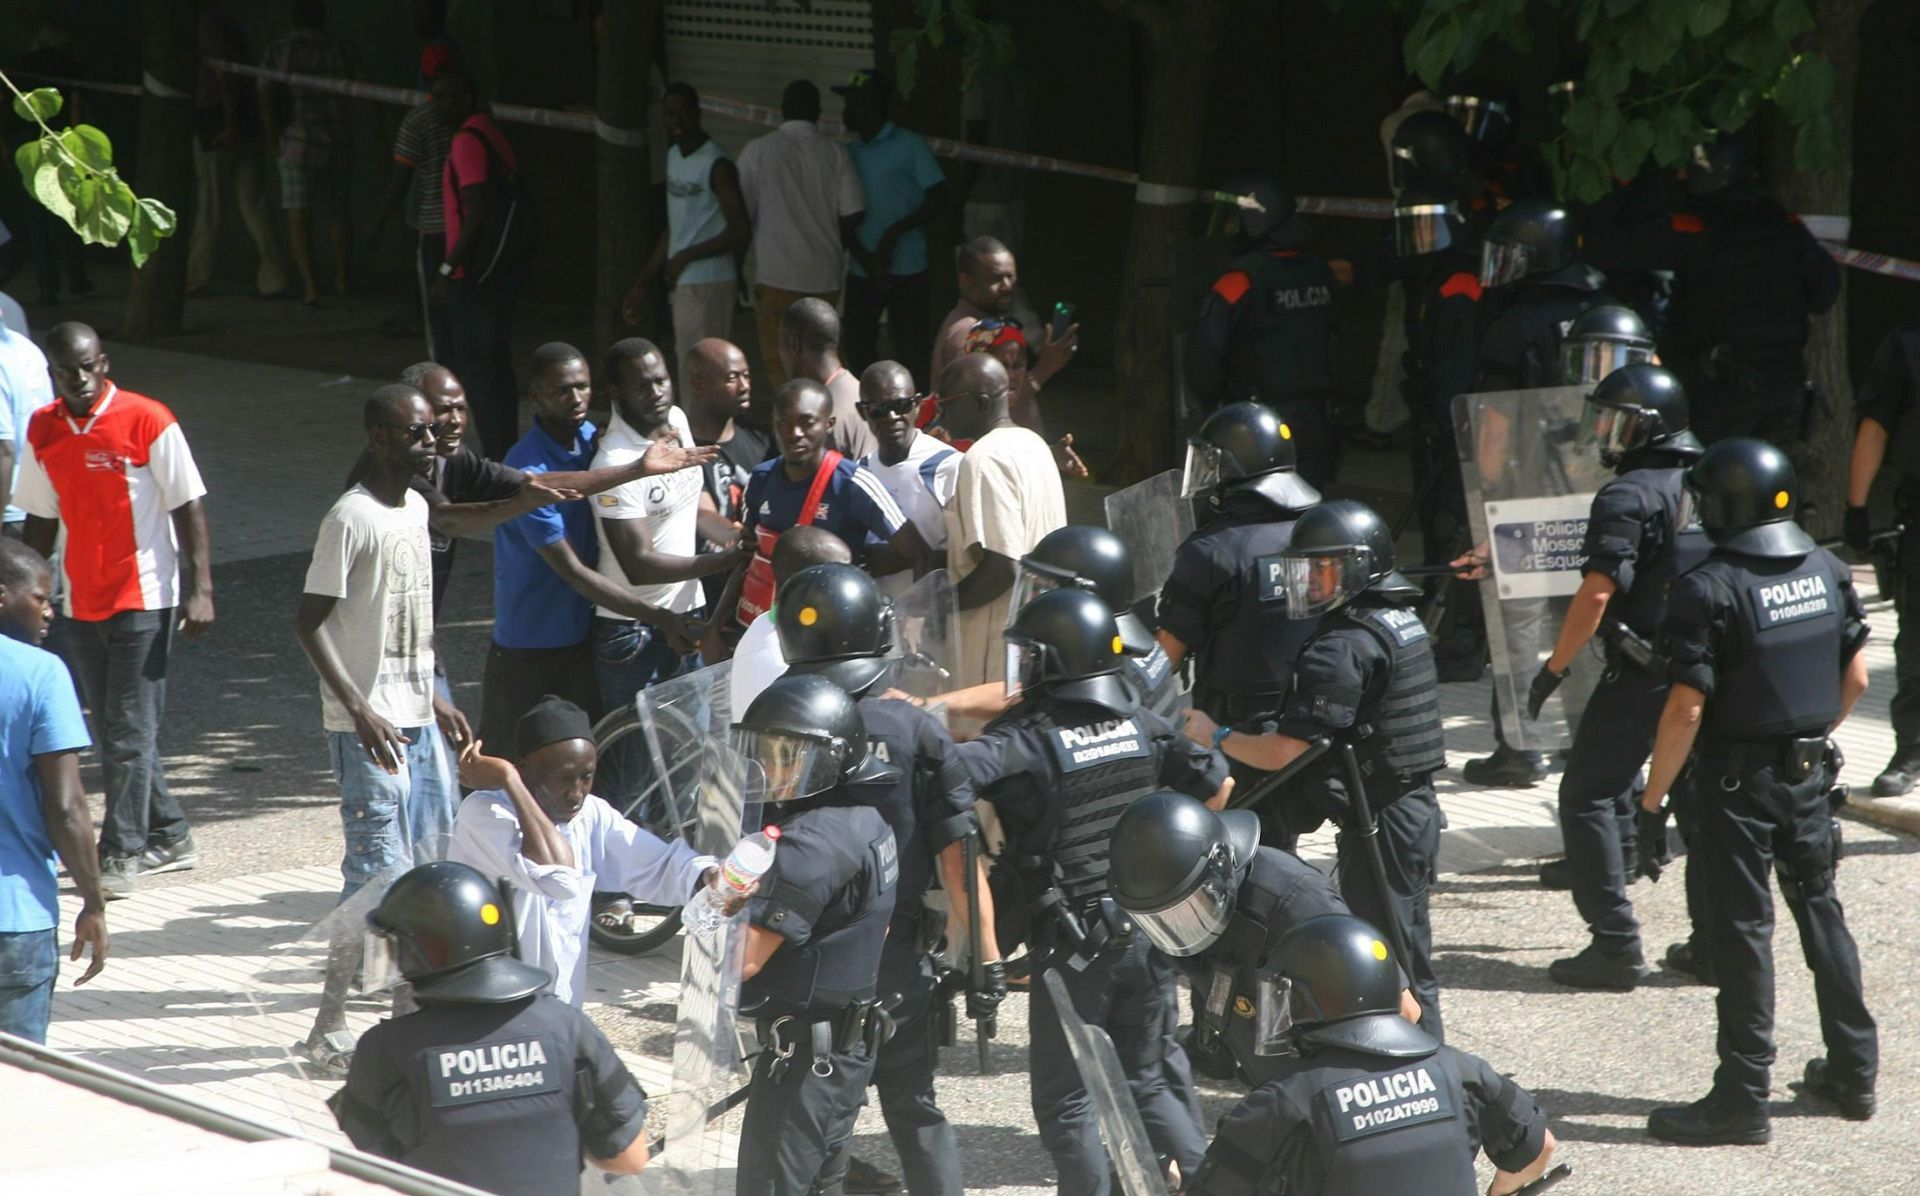 NAKON SMRTI SENEGALCA U sukobima afričkih imigranata i policije u Kataloniji 24 ozlijeđena